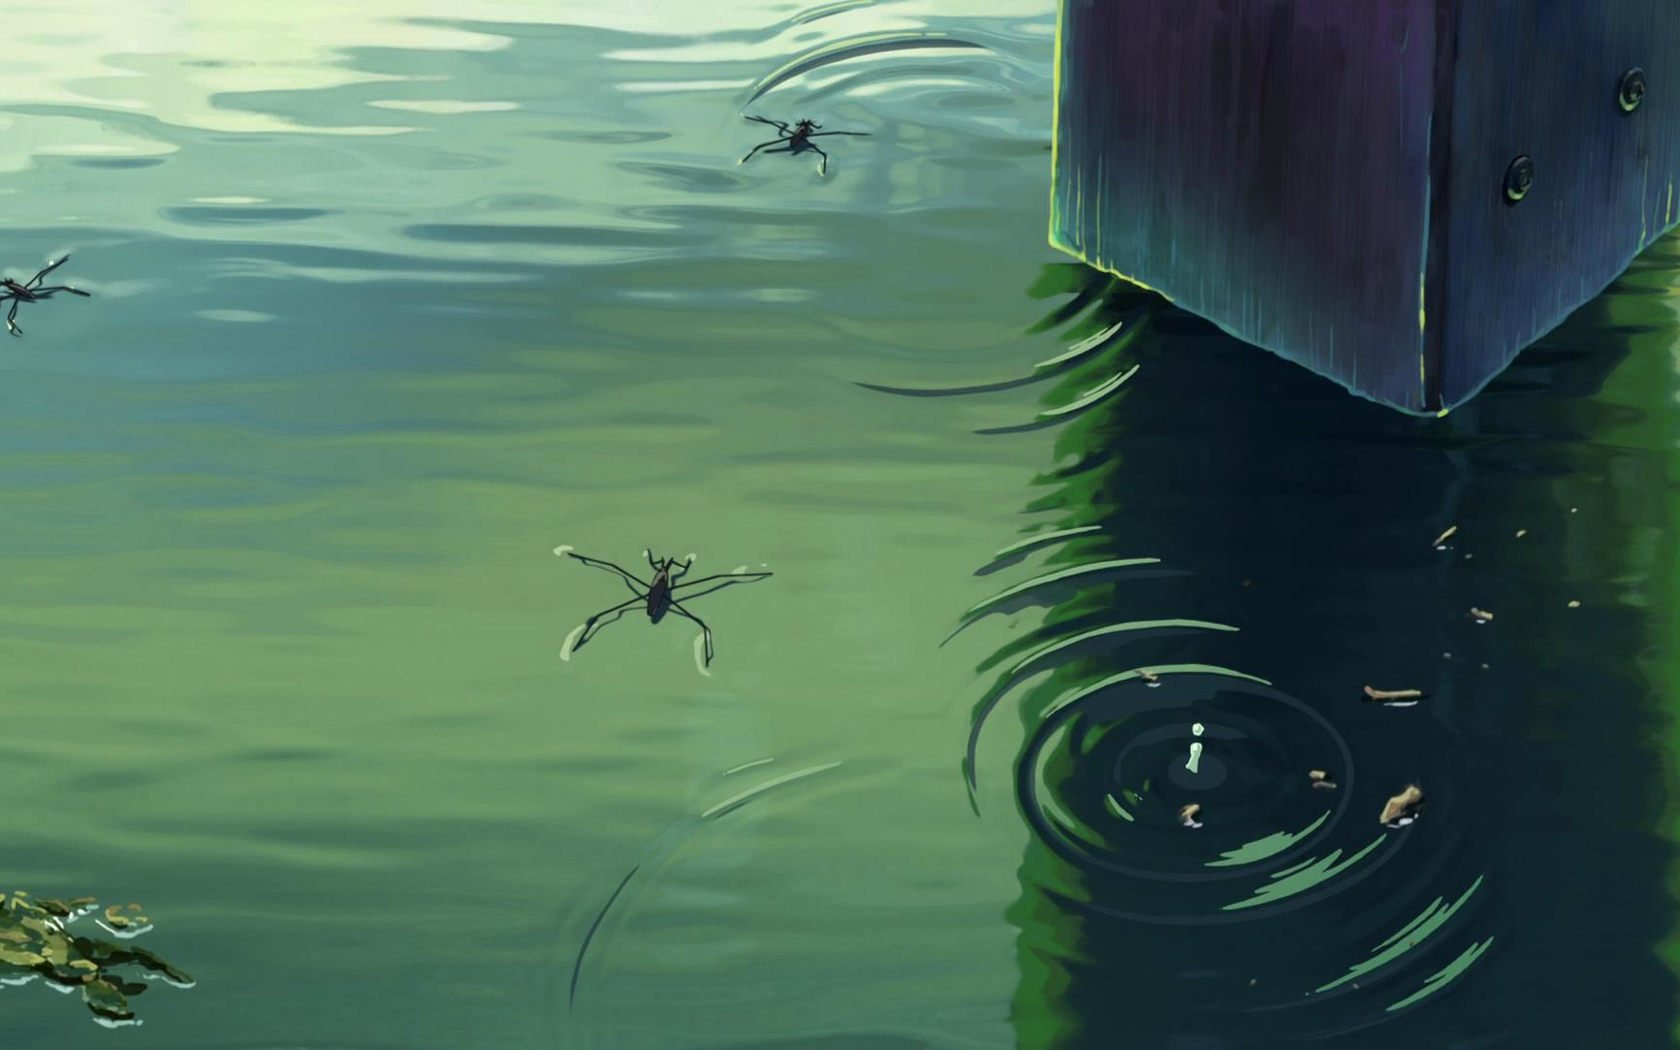 新海诚巨作《言叶之庭》绿色护眼电脑桌面壁纸第三辑图片